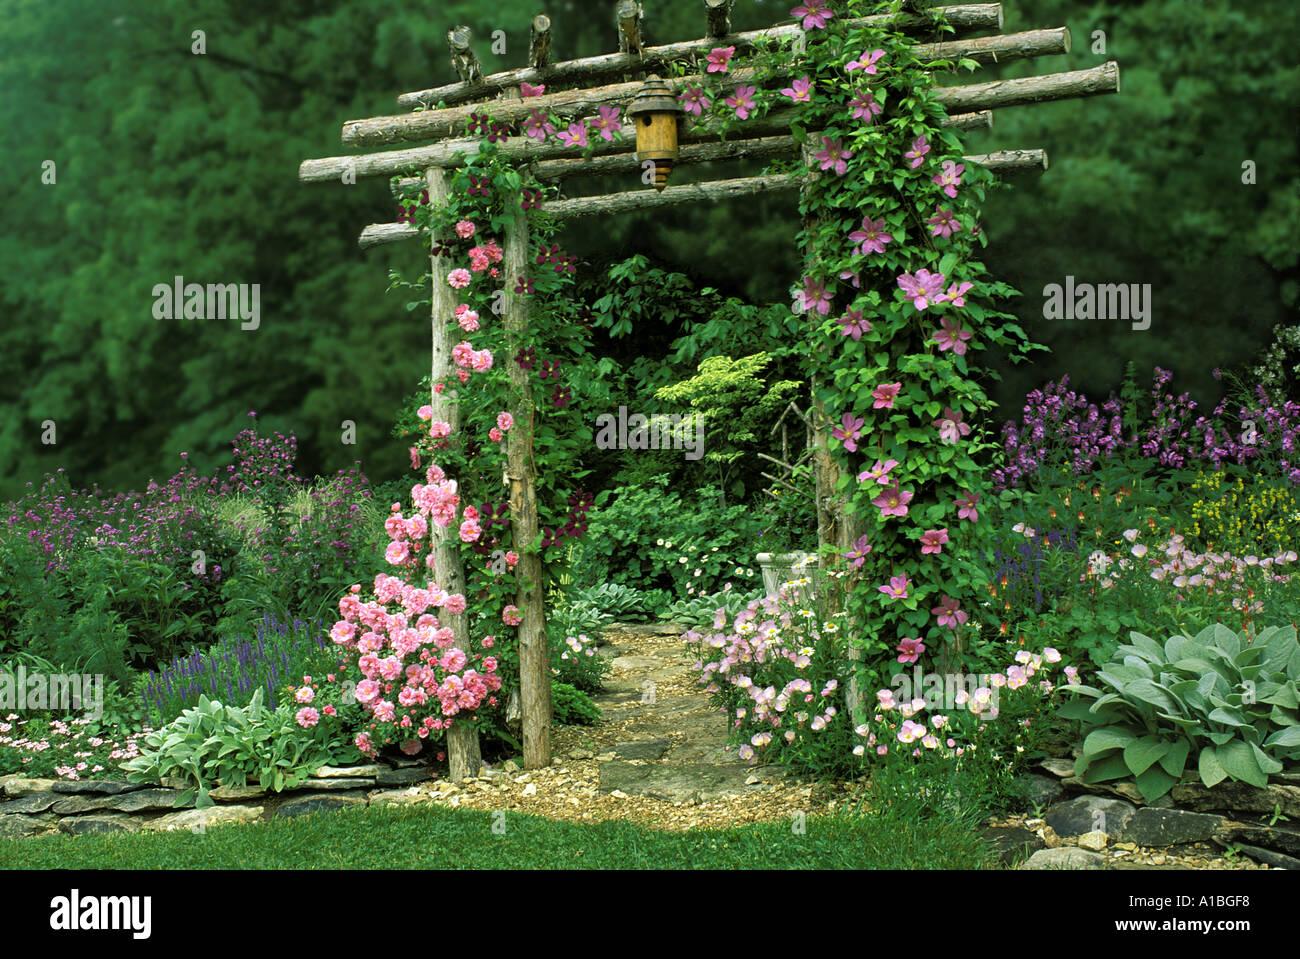 Summers pastel garden gate handmade garden arbor with birdbox